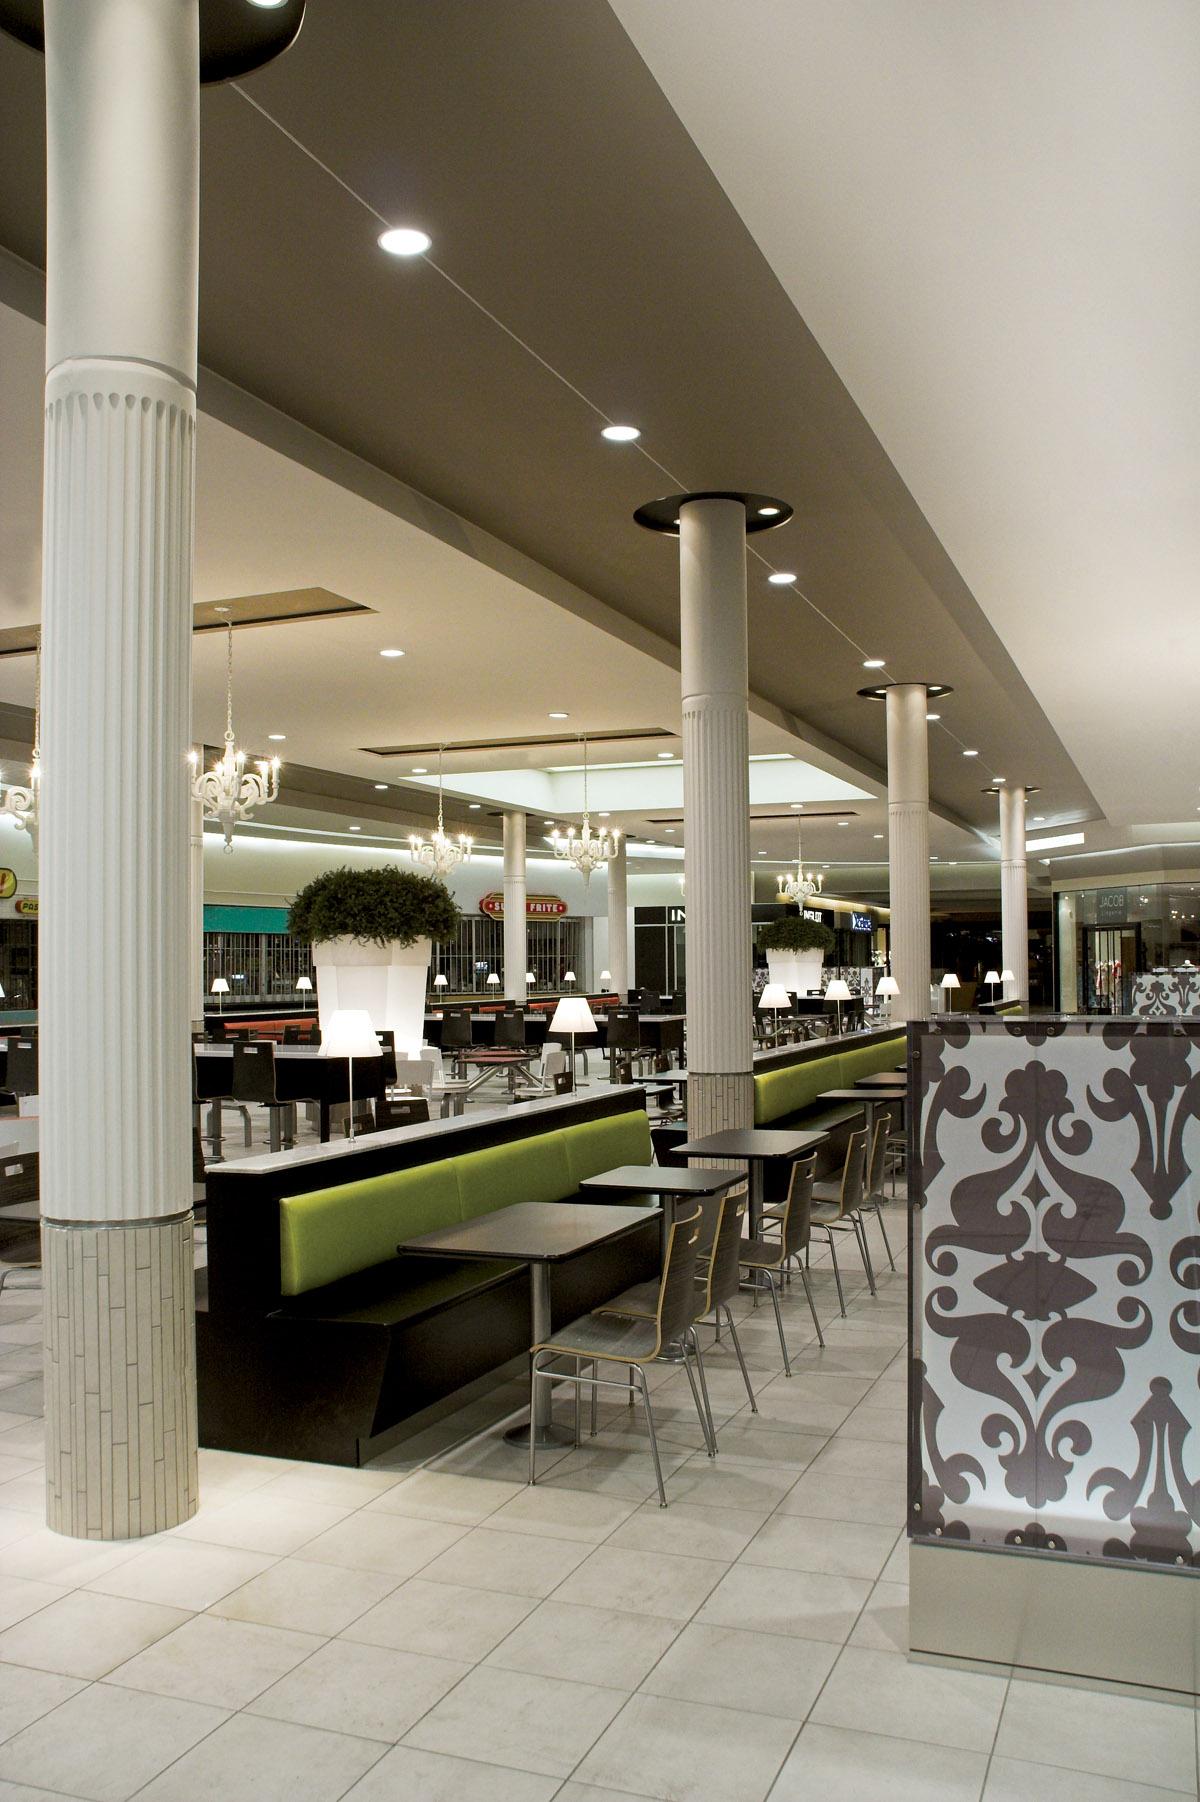 Place D Orleans Food Court